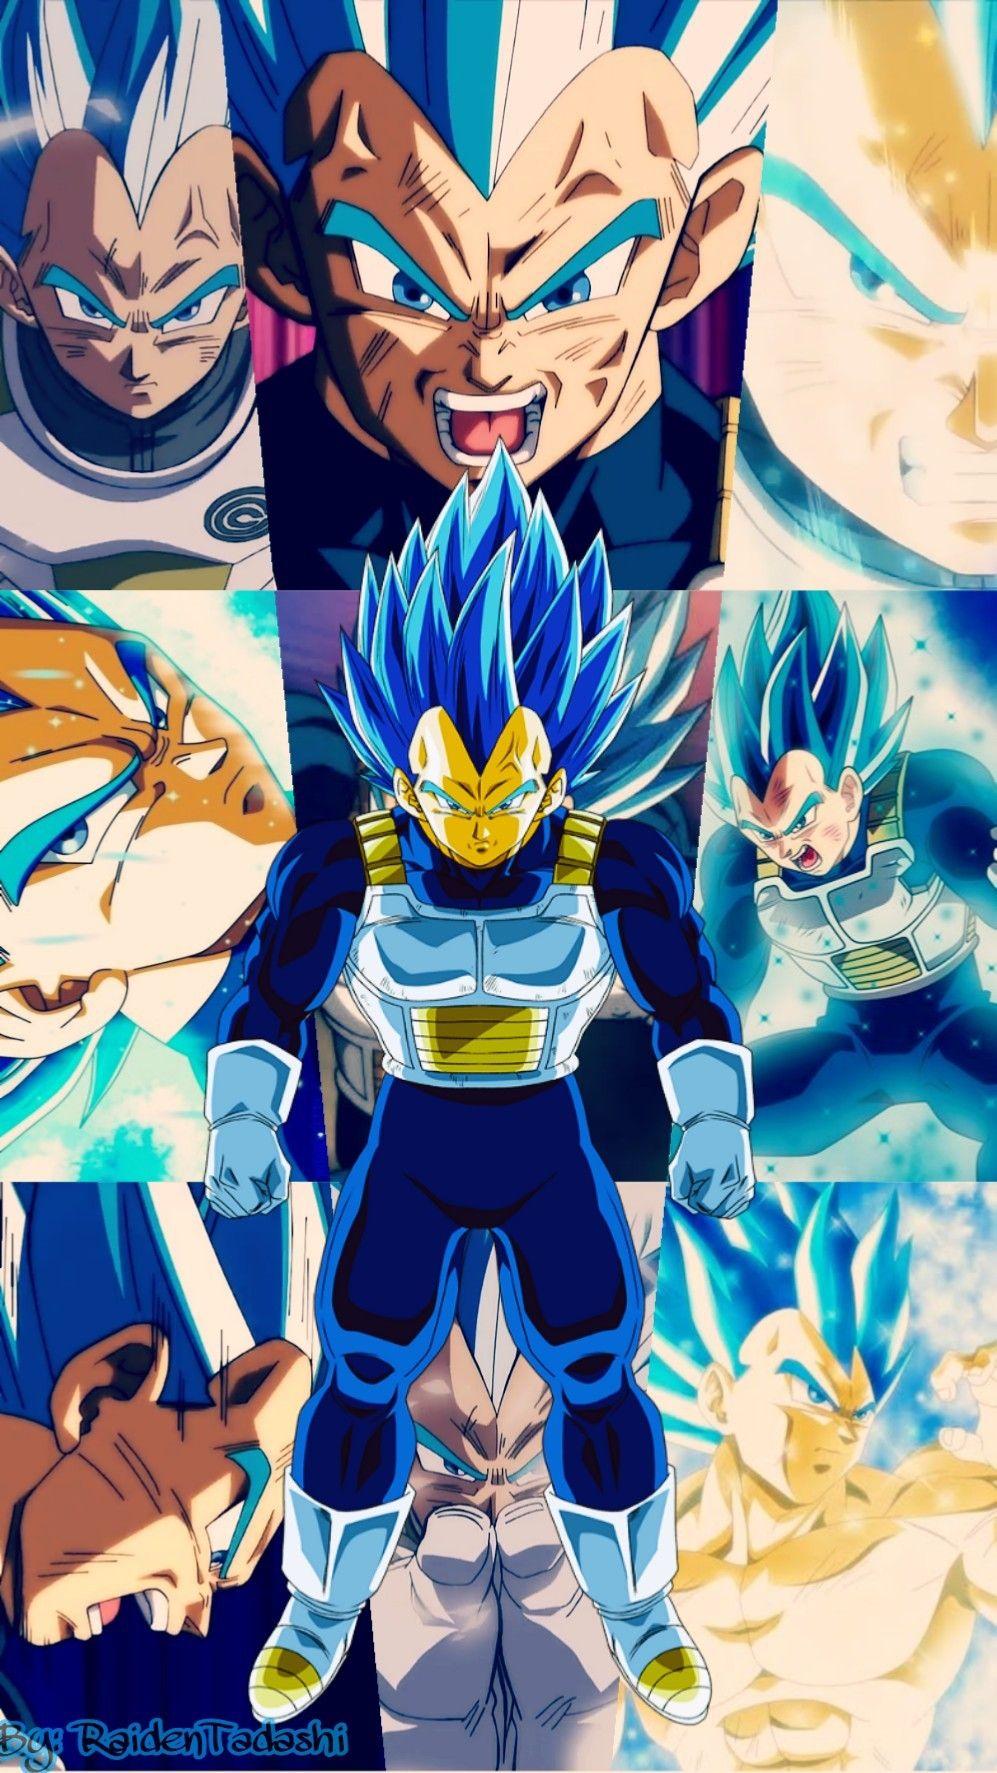 Vegeta Blue Evolution Wallpaper In 2020 Anime Dragon Ball Super Dragon Ball Artwork Dragon Ball Art